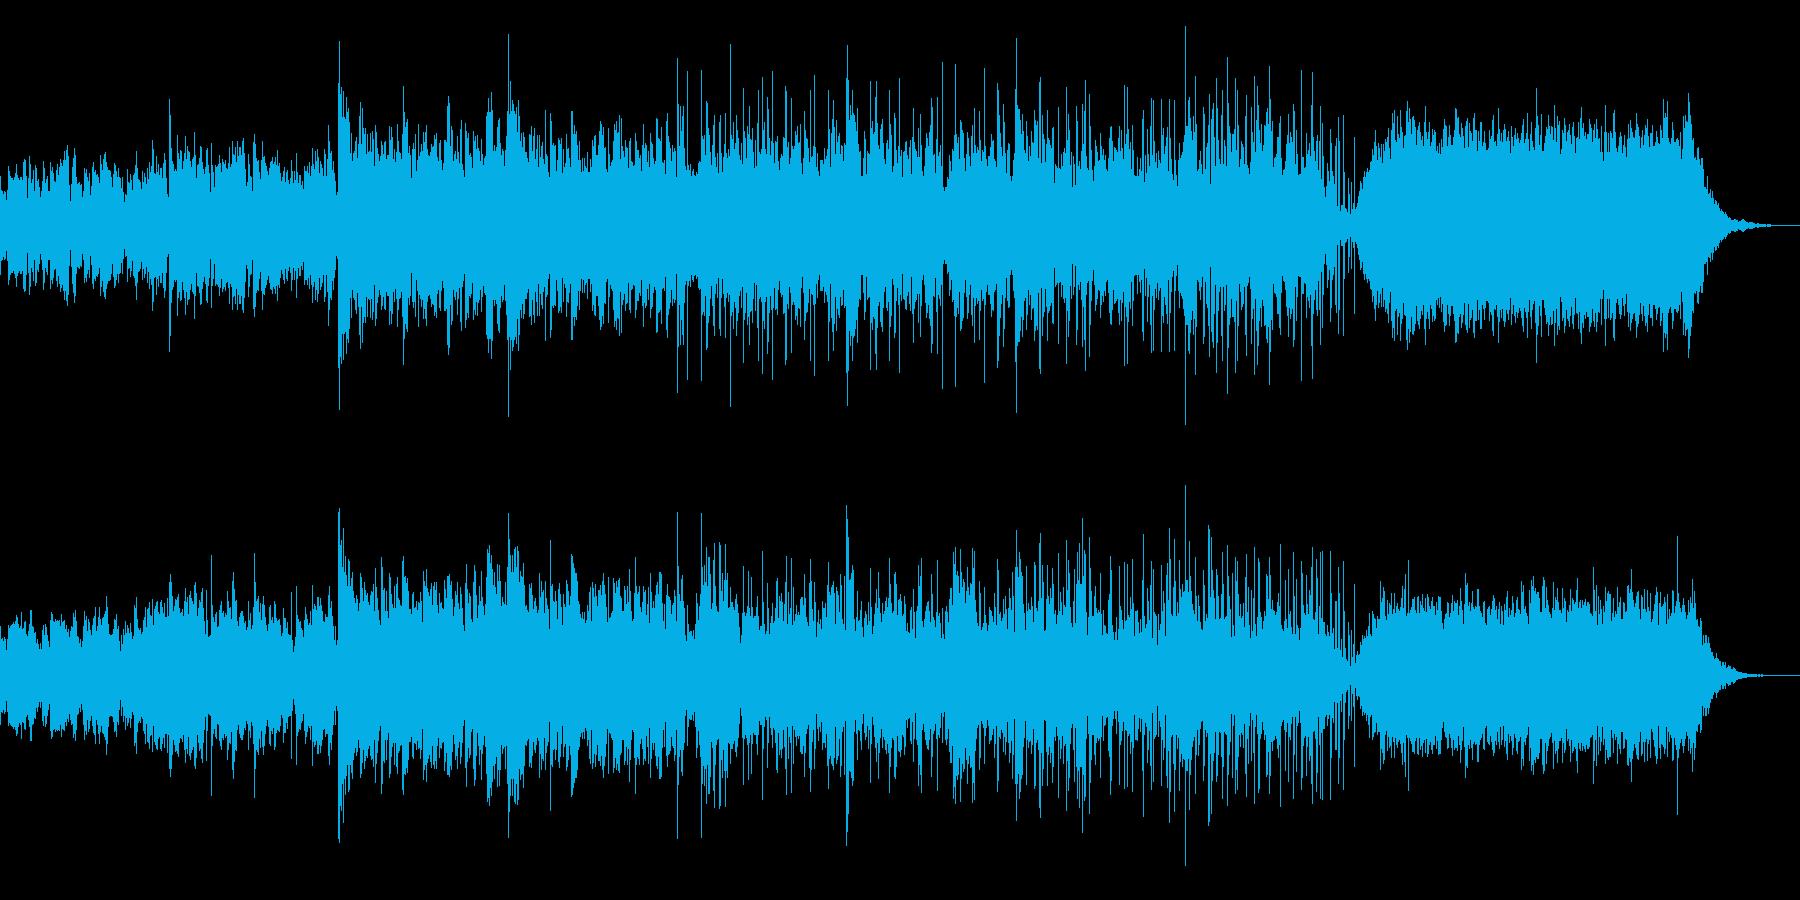 オリエンタルなチルアンビエントの再生済みの波形